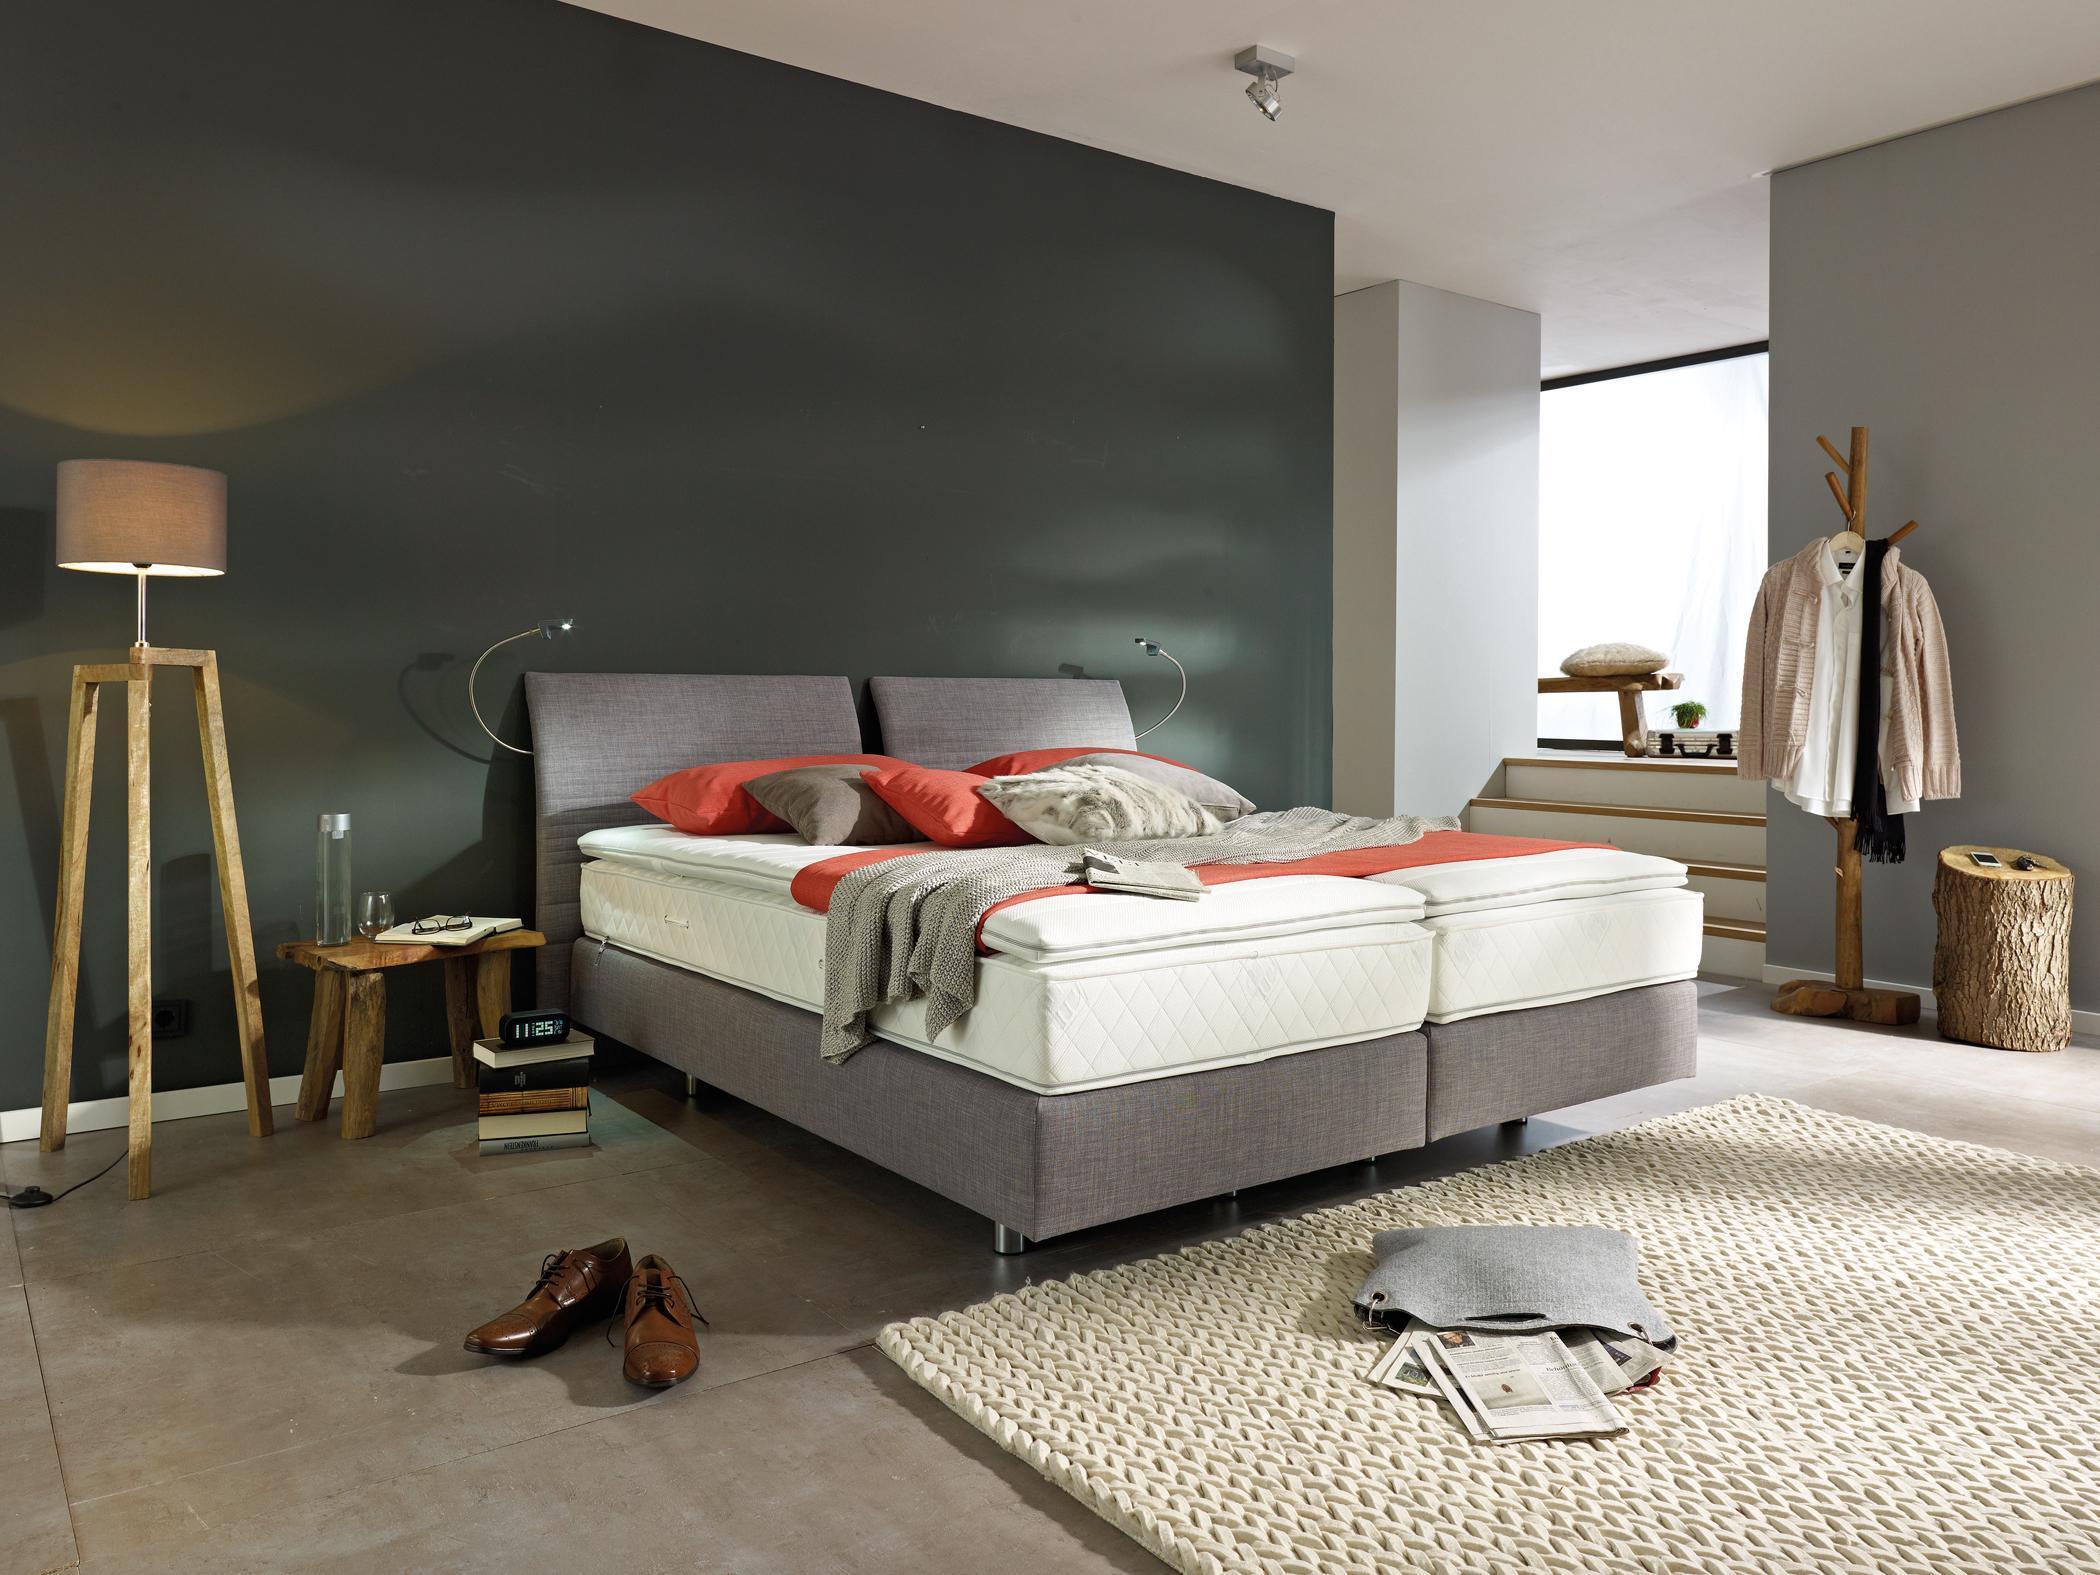 Schlafzimmer-Wandgestaltung: Lass dich inspirieren!